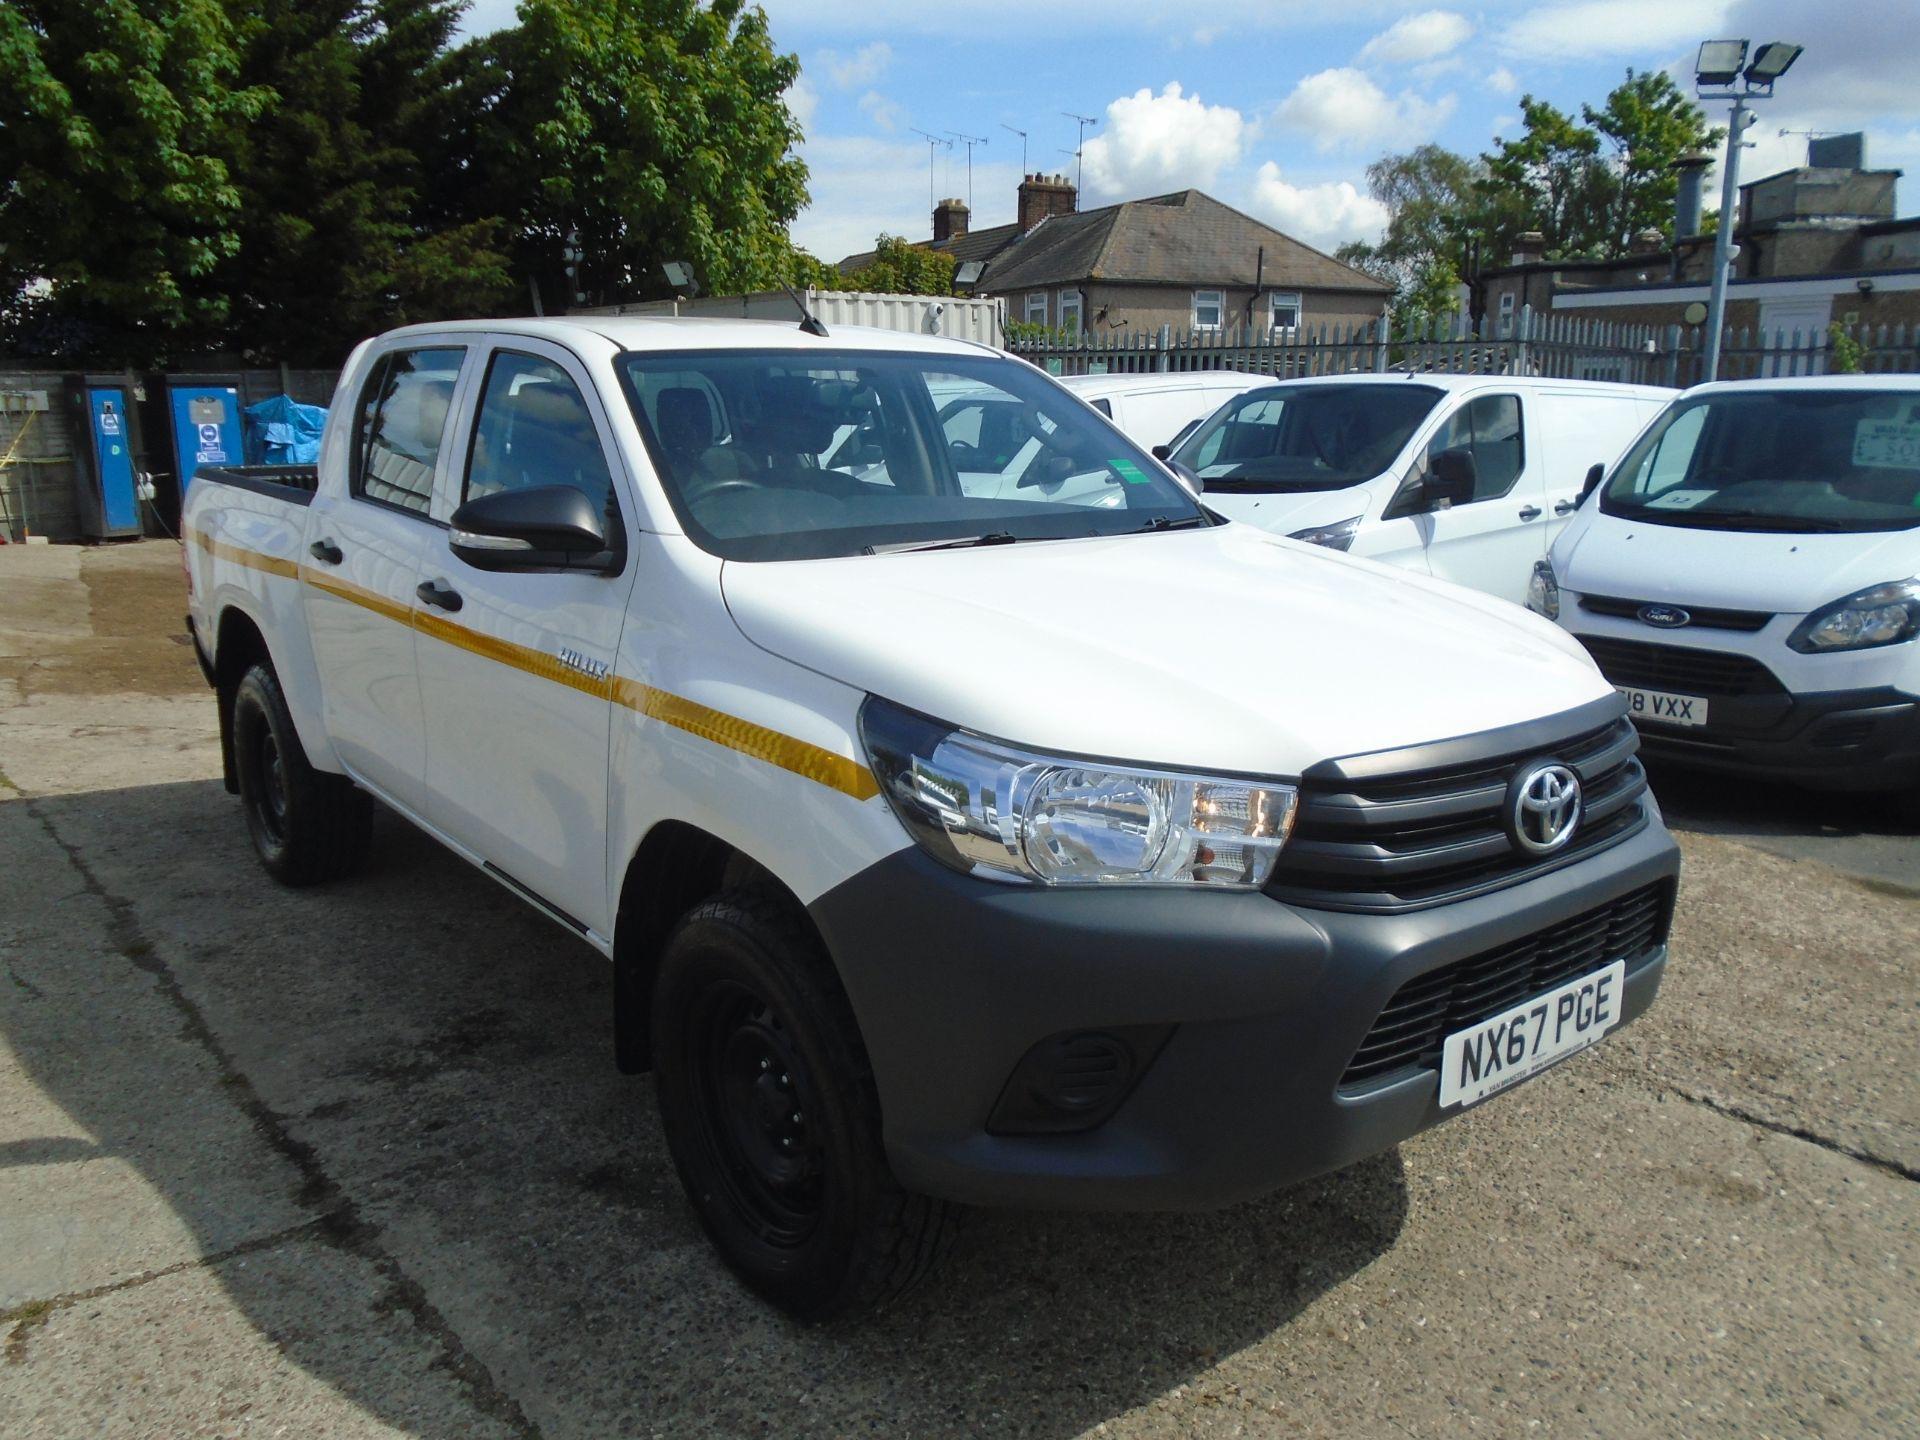 2017 Toyota Hilux Active D/Cab Pick Up 2.5 D-4D 4Wd 144 (NX67PGE)